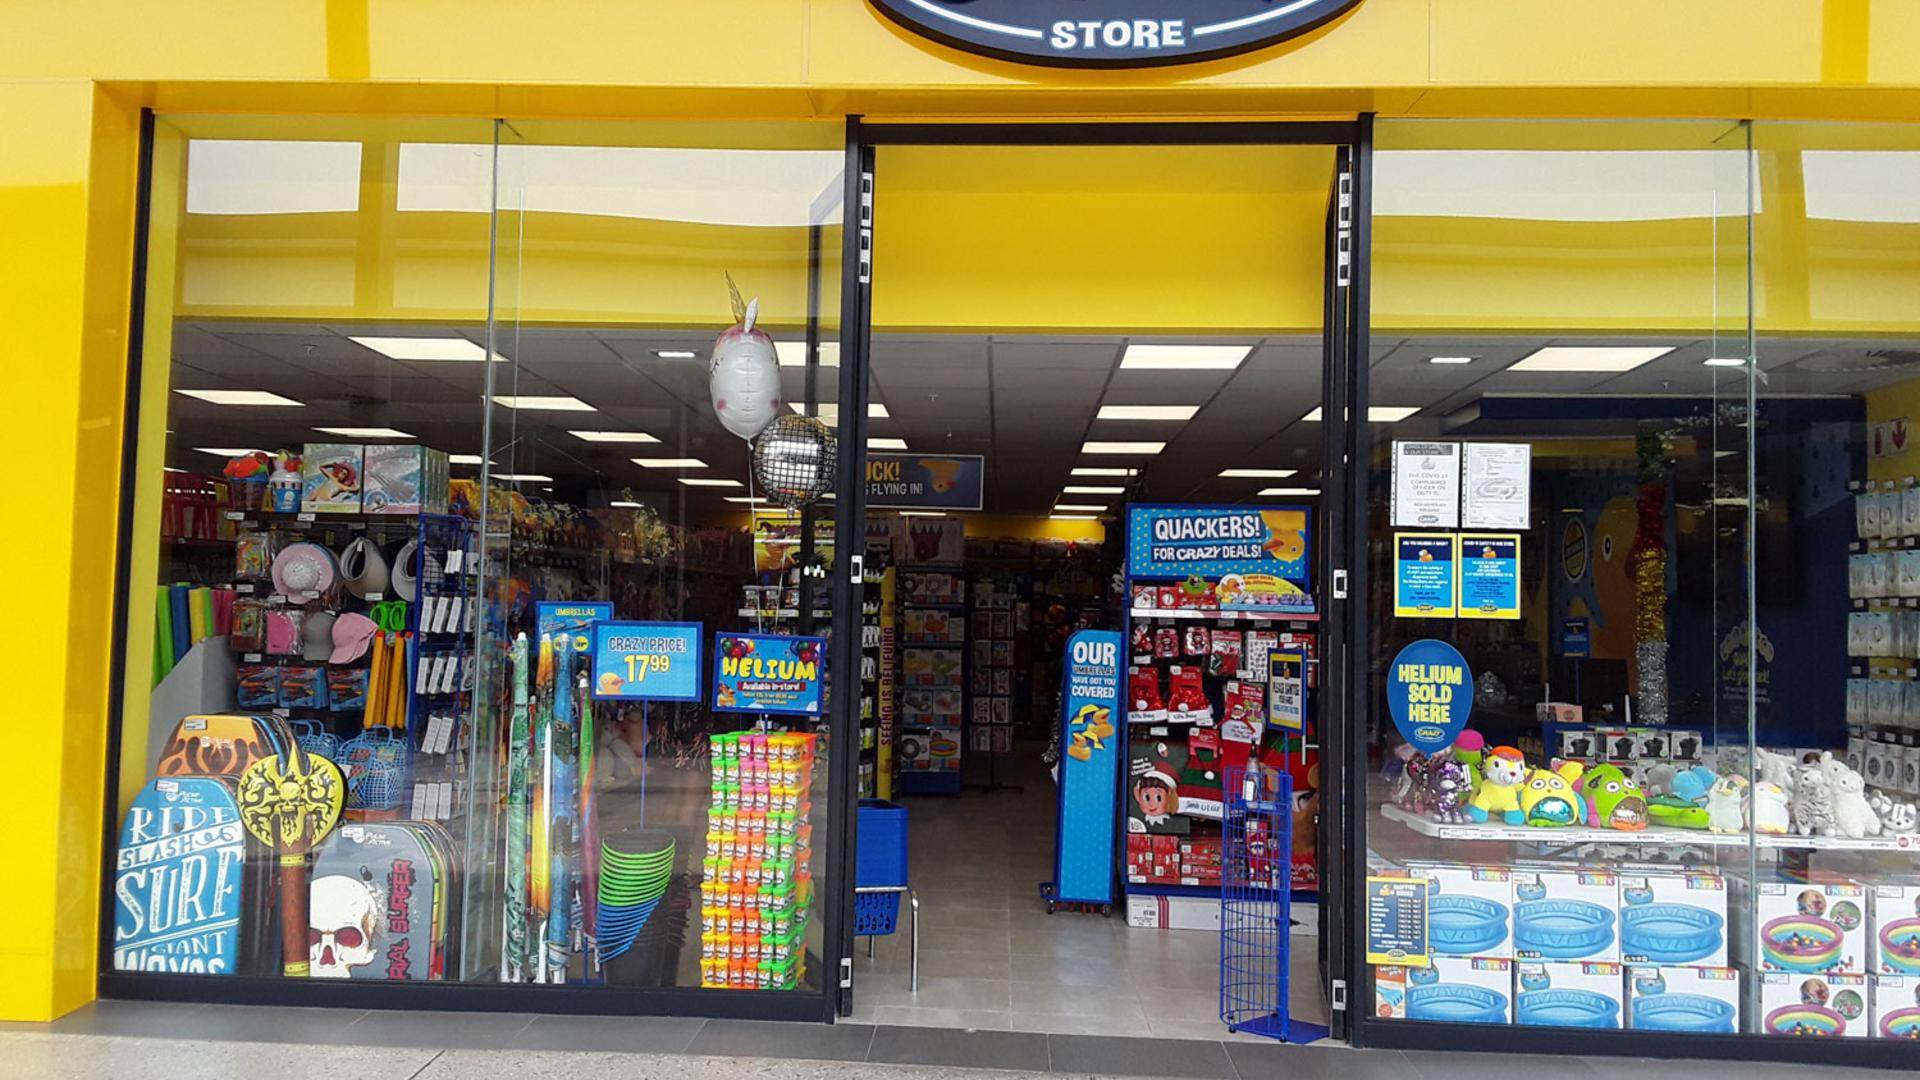 Dainfern Shop Image